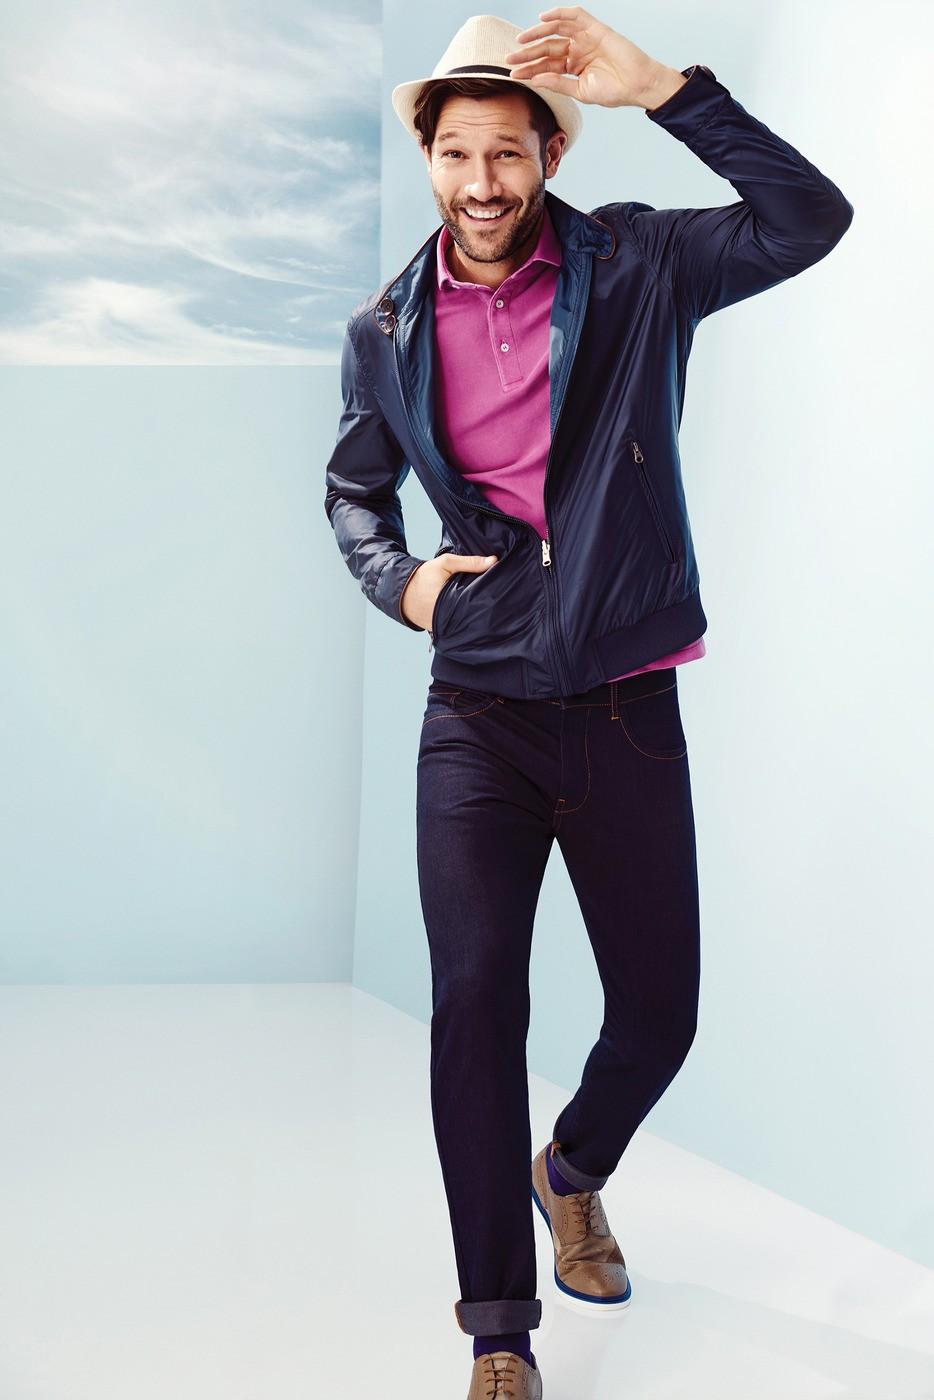 розовая футболка и синяя куртка